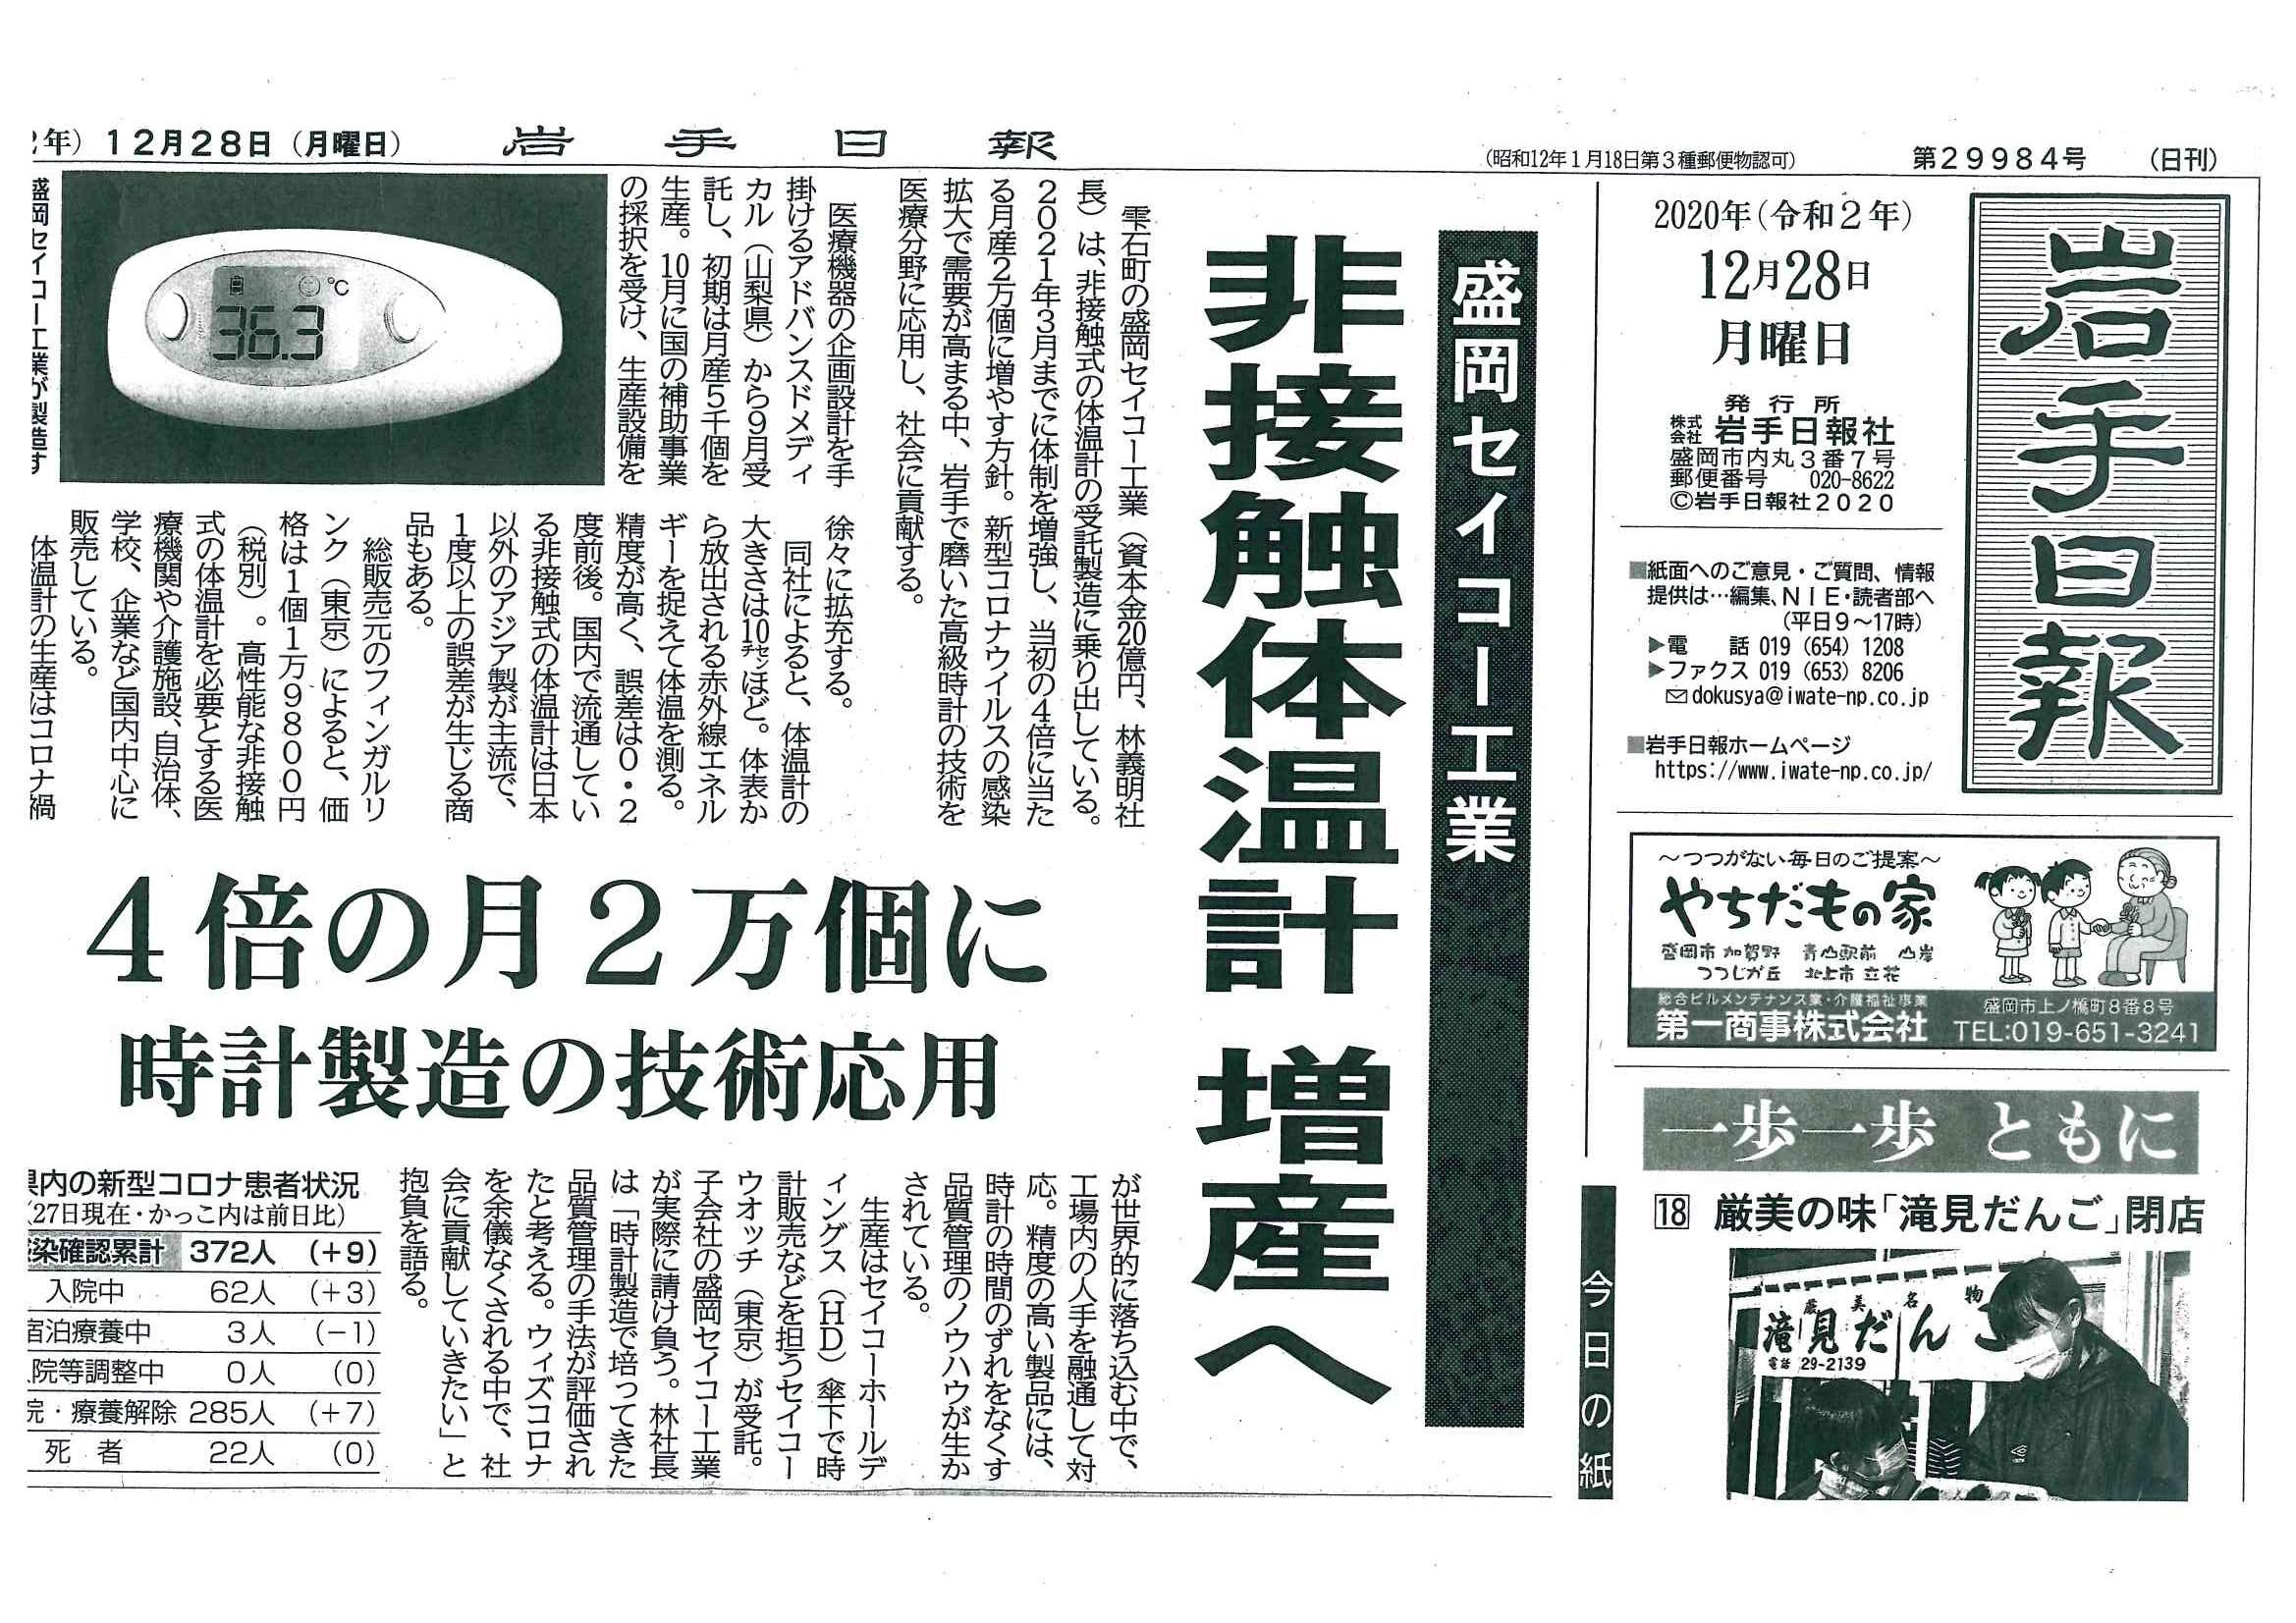 非接触式体温計FLIRSTP-300Nの記事が岩手日報2020年12月28日の朝刊で紹介されました。